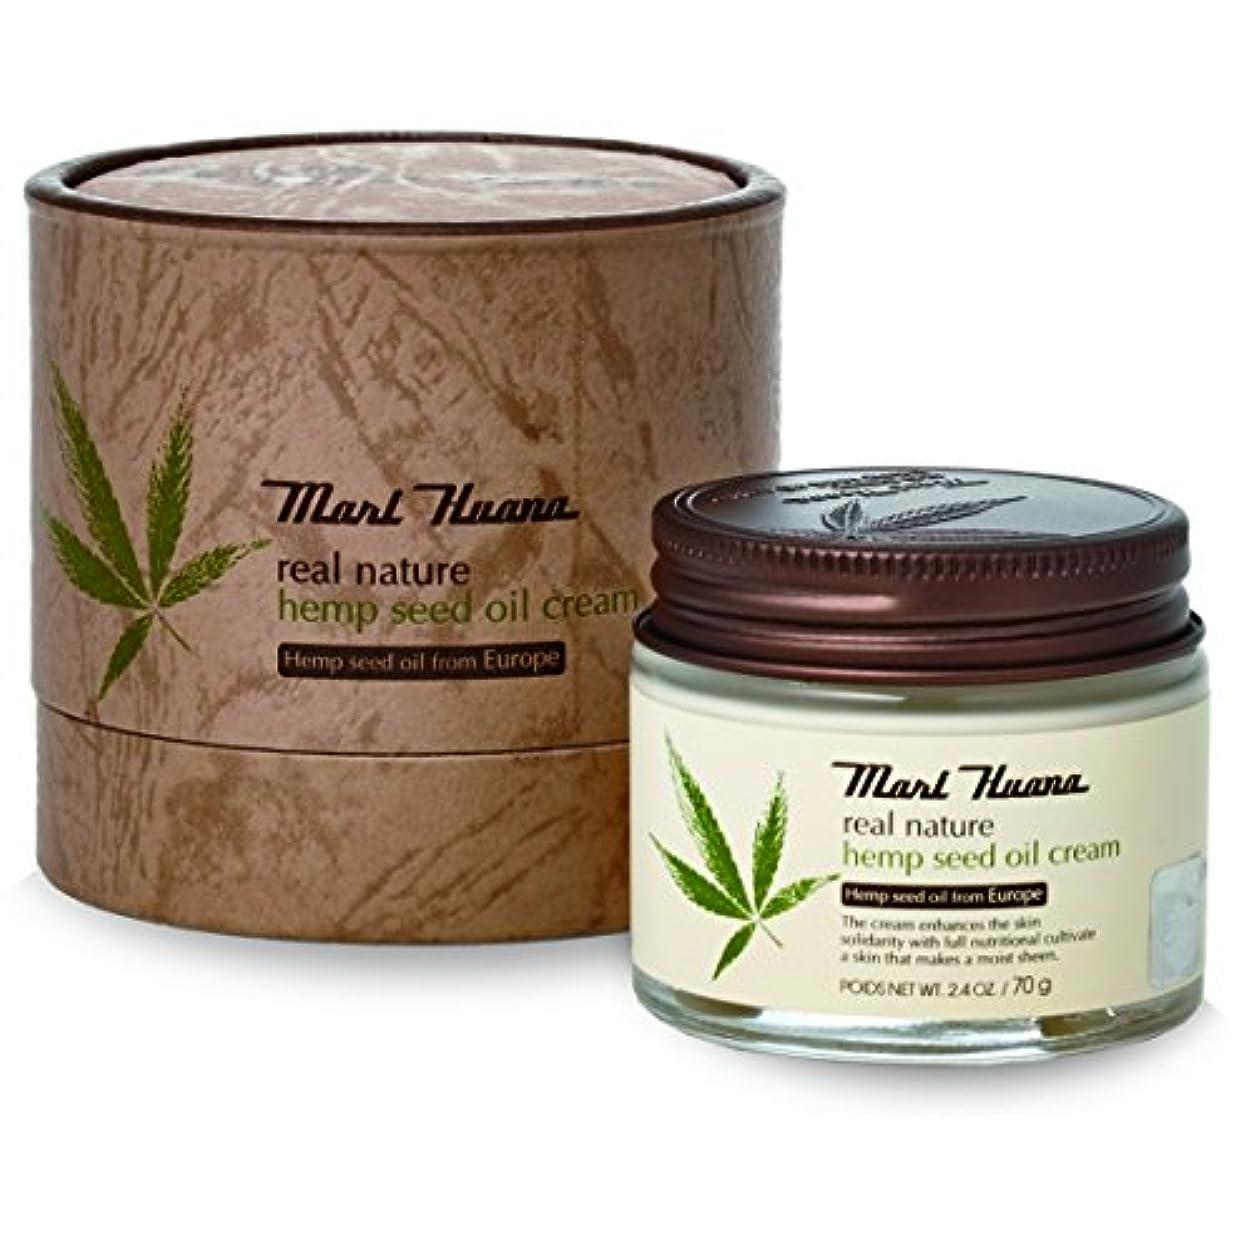 ツーリスト管理者ラオス人[訳有り?OUTLET] Marihuana Real Natural Hemp Seed Oil Cream マリーフアナ リアルナチュラルヘンプシードオイルクリーム [並行輸入品]